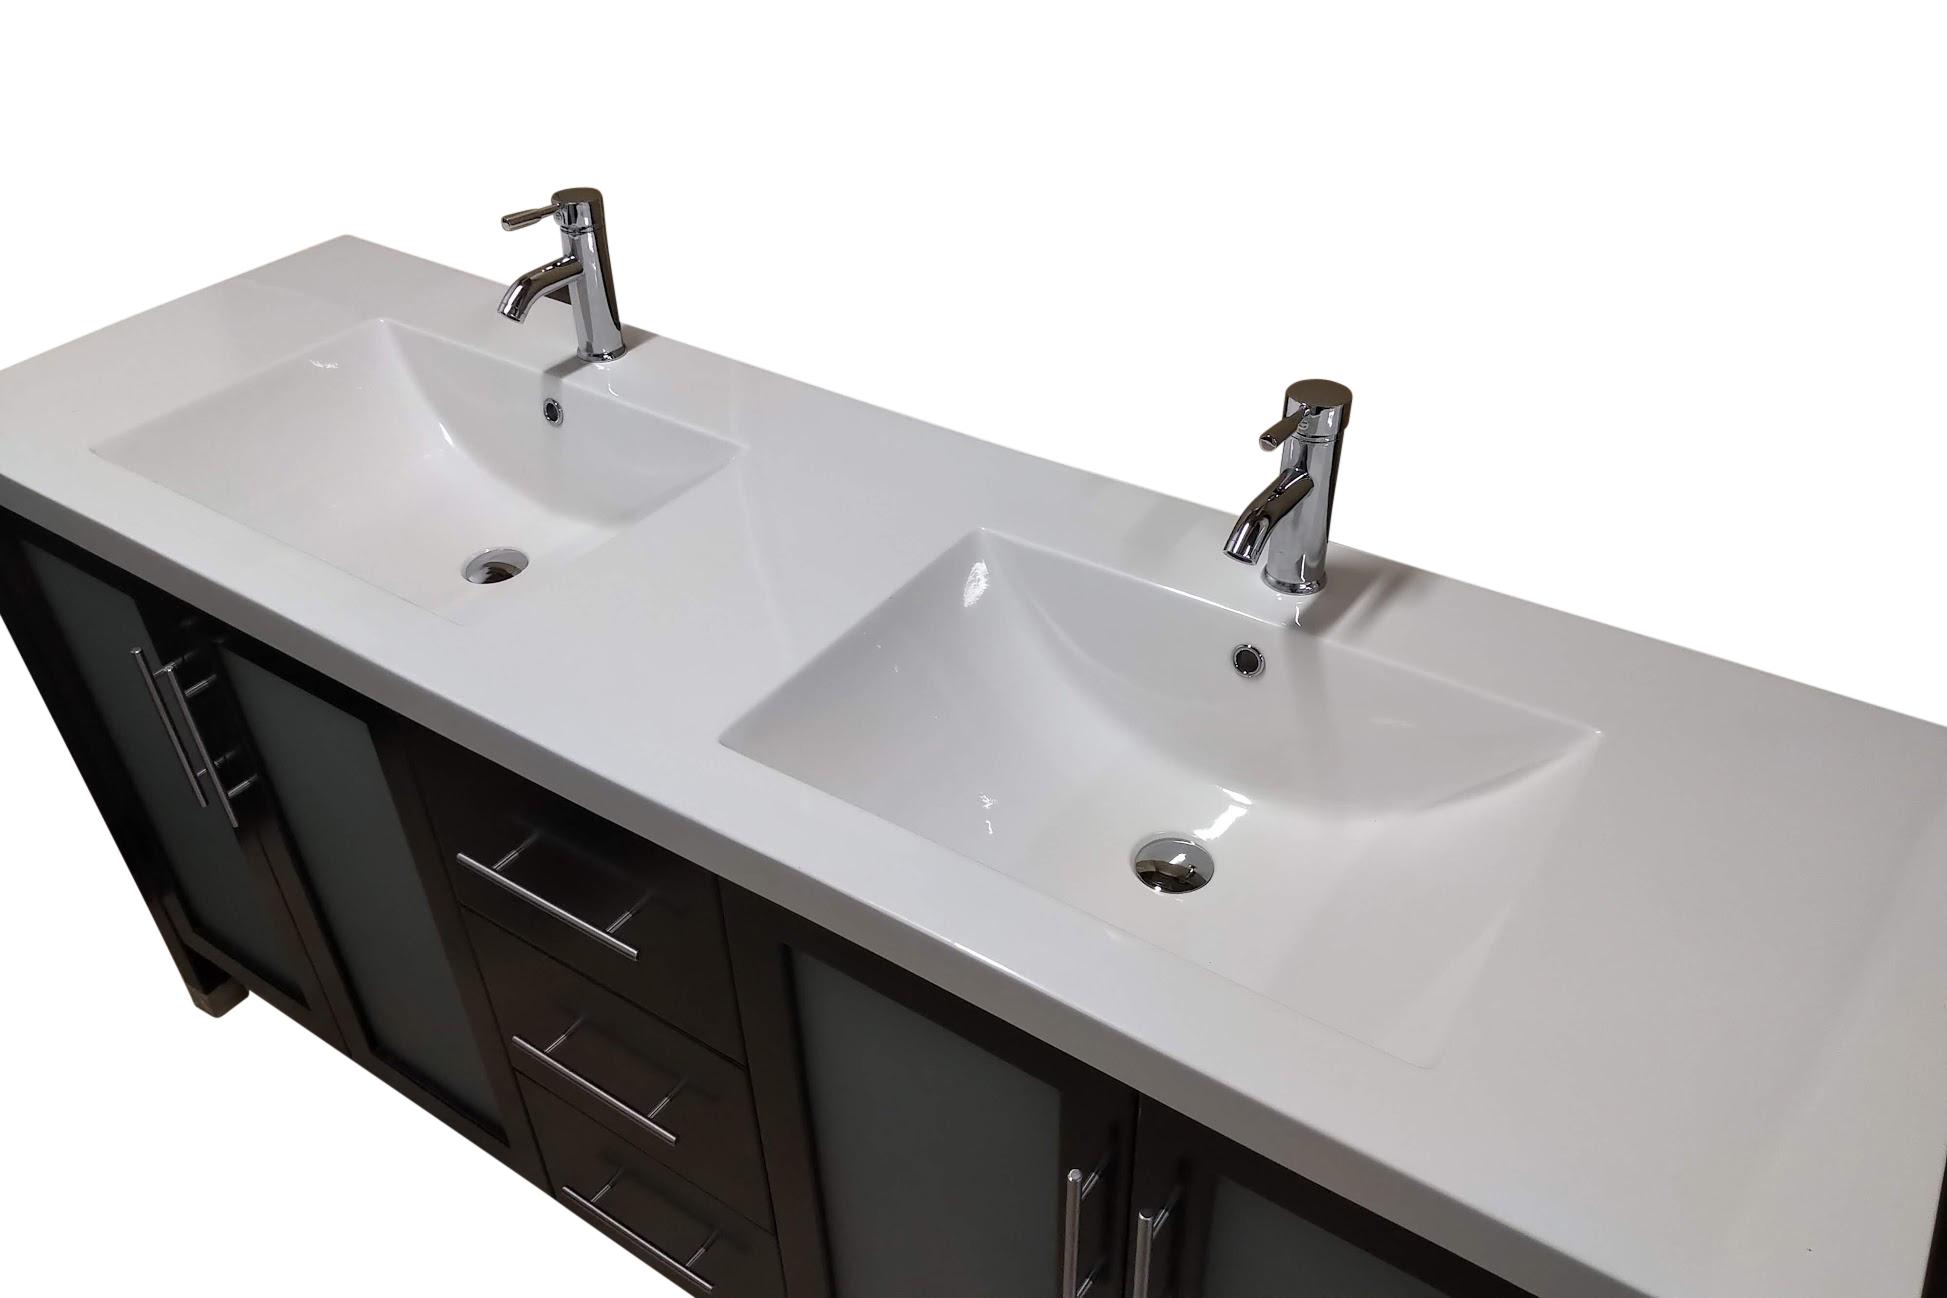 Wholesale Direct Unlimited Bathroom Vanities 72 Modern Bathroom Vanity W White Top